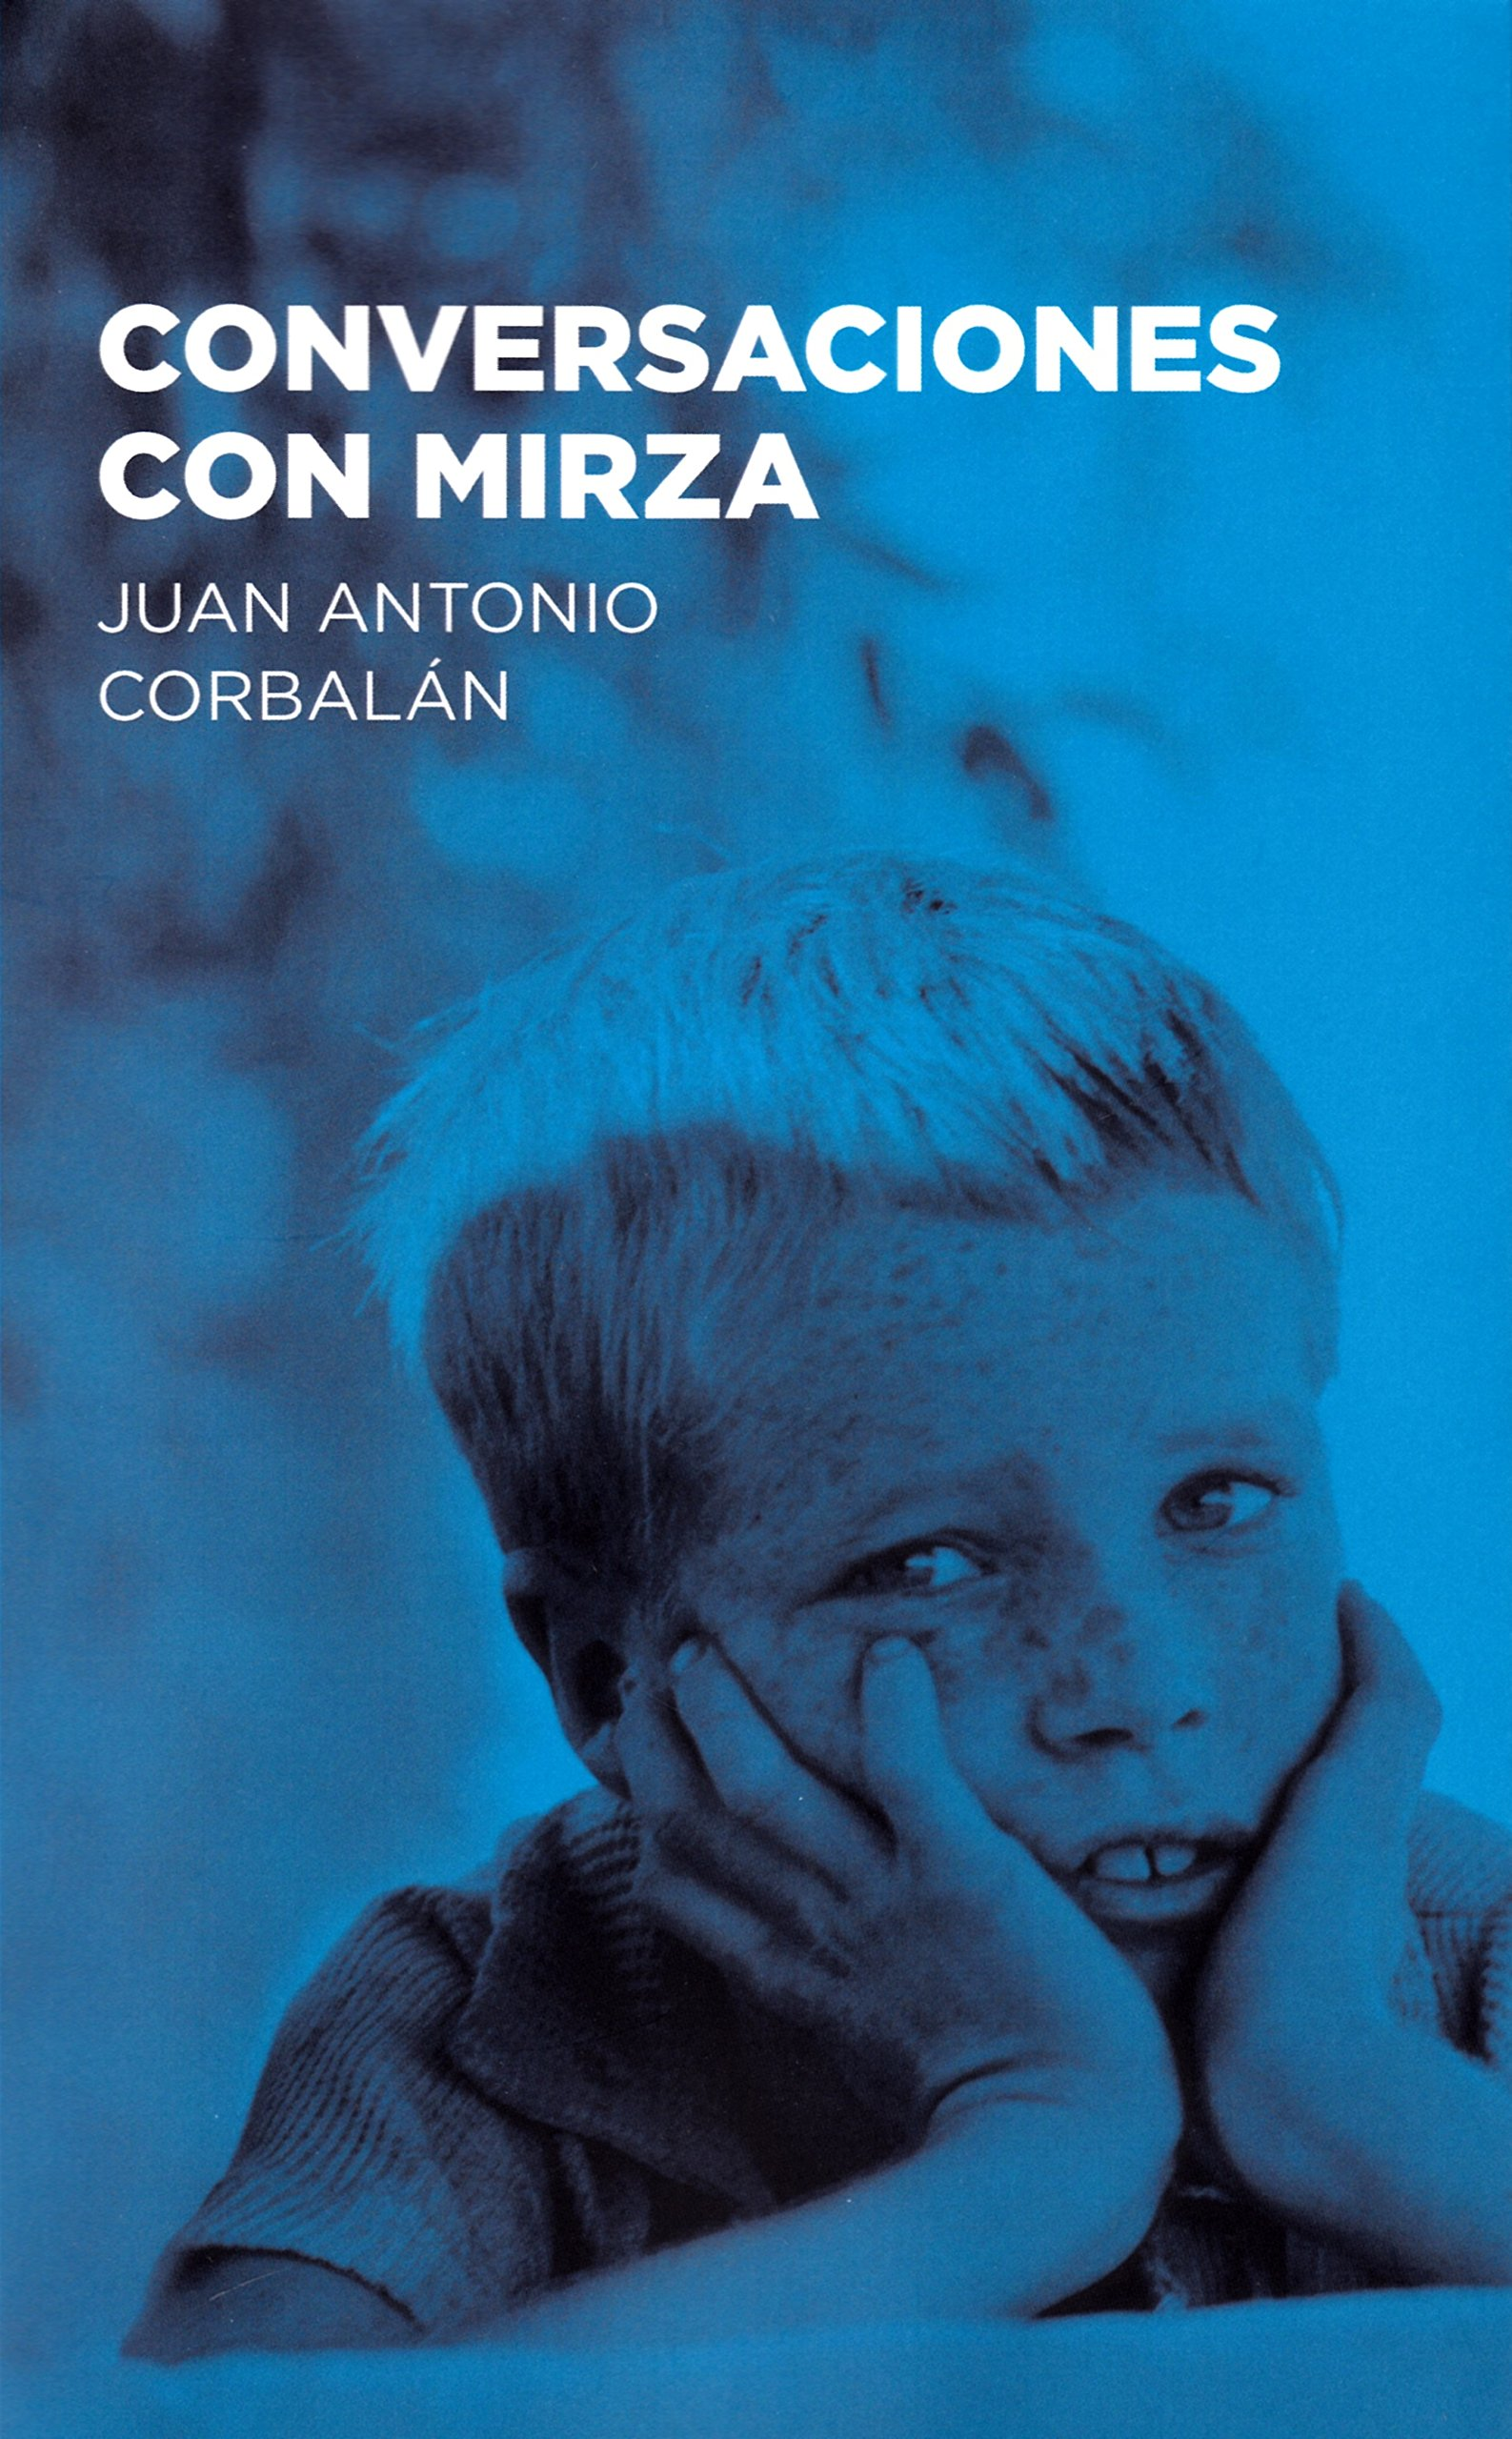 Conversaciones con Mirza (Baloncesto para leer) Tapa blanda – 6 mar 2018 Ediciones JC 8415448309 Basketball WSJM